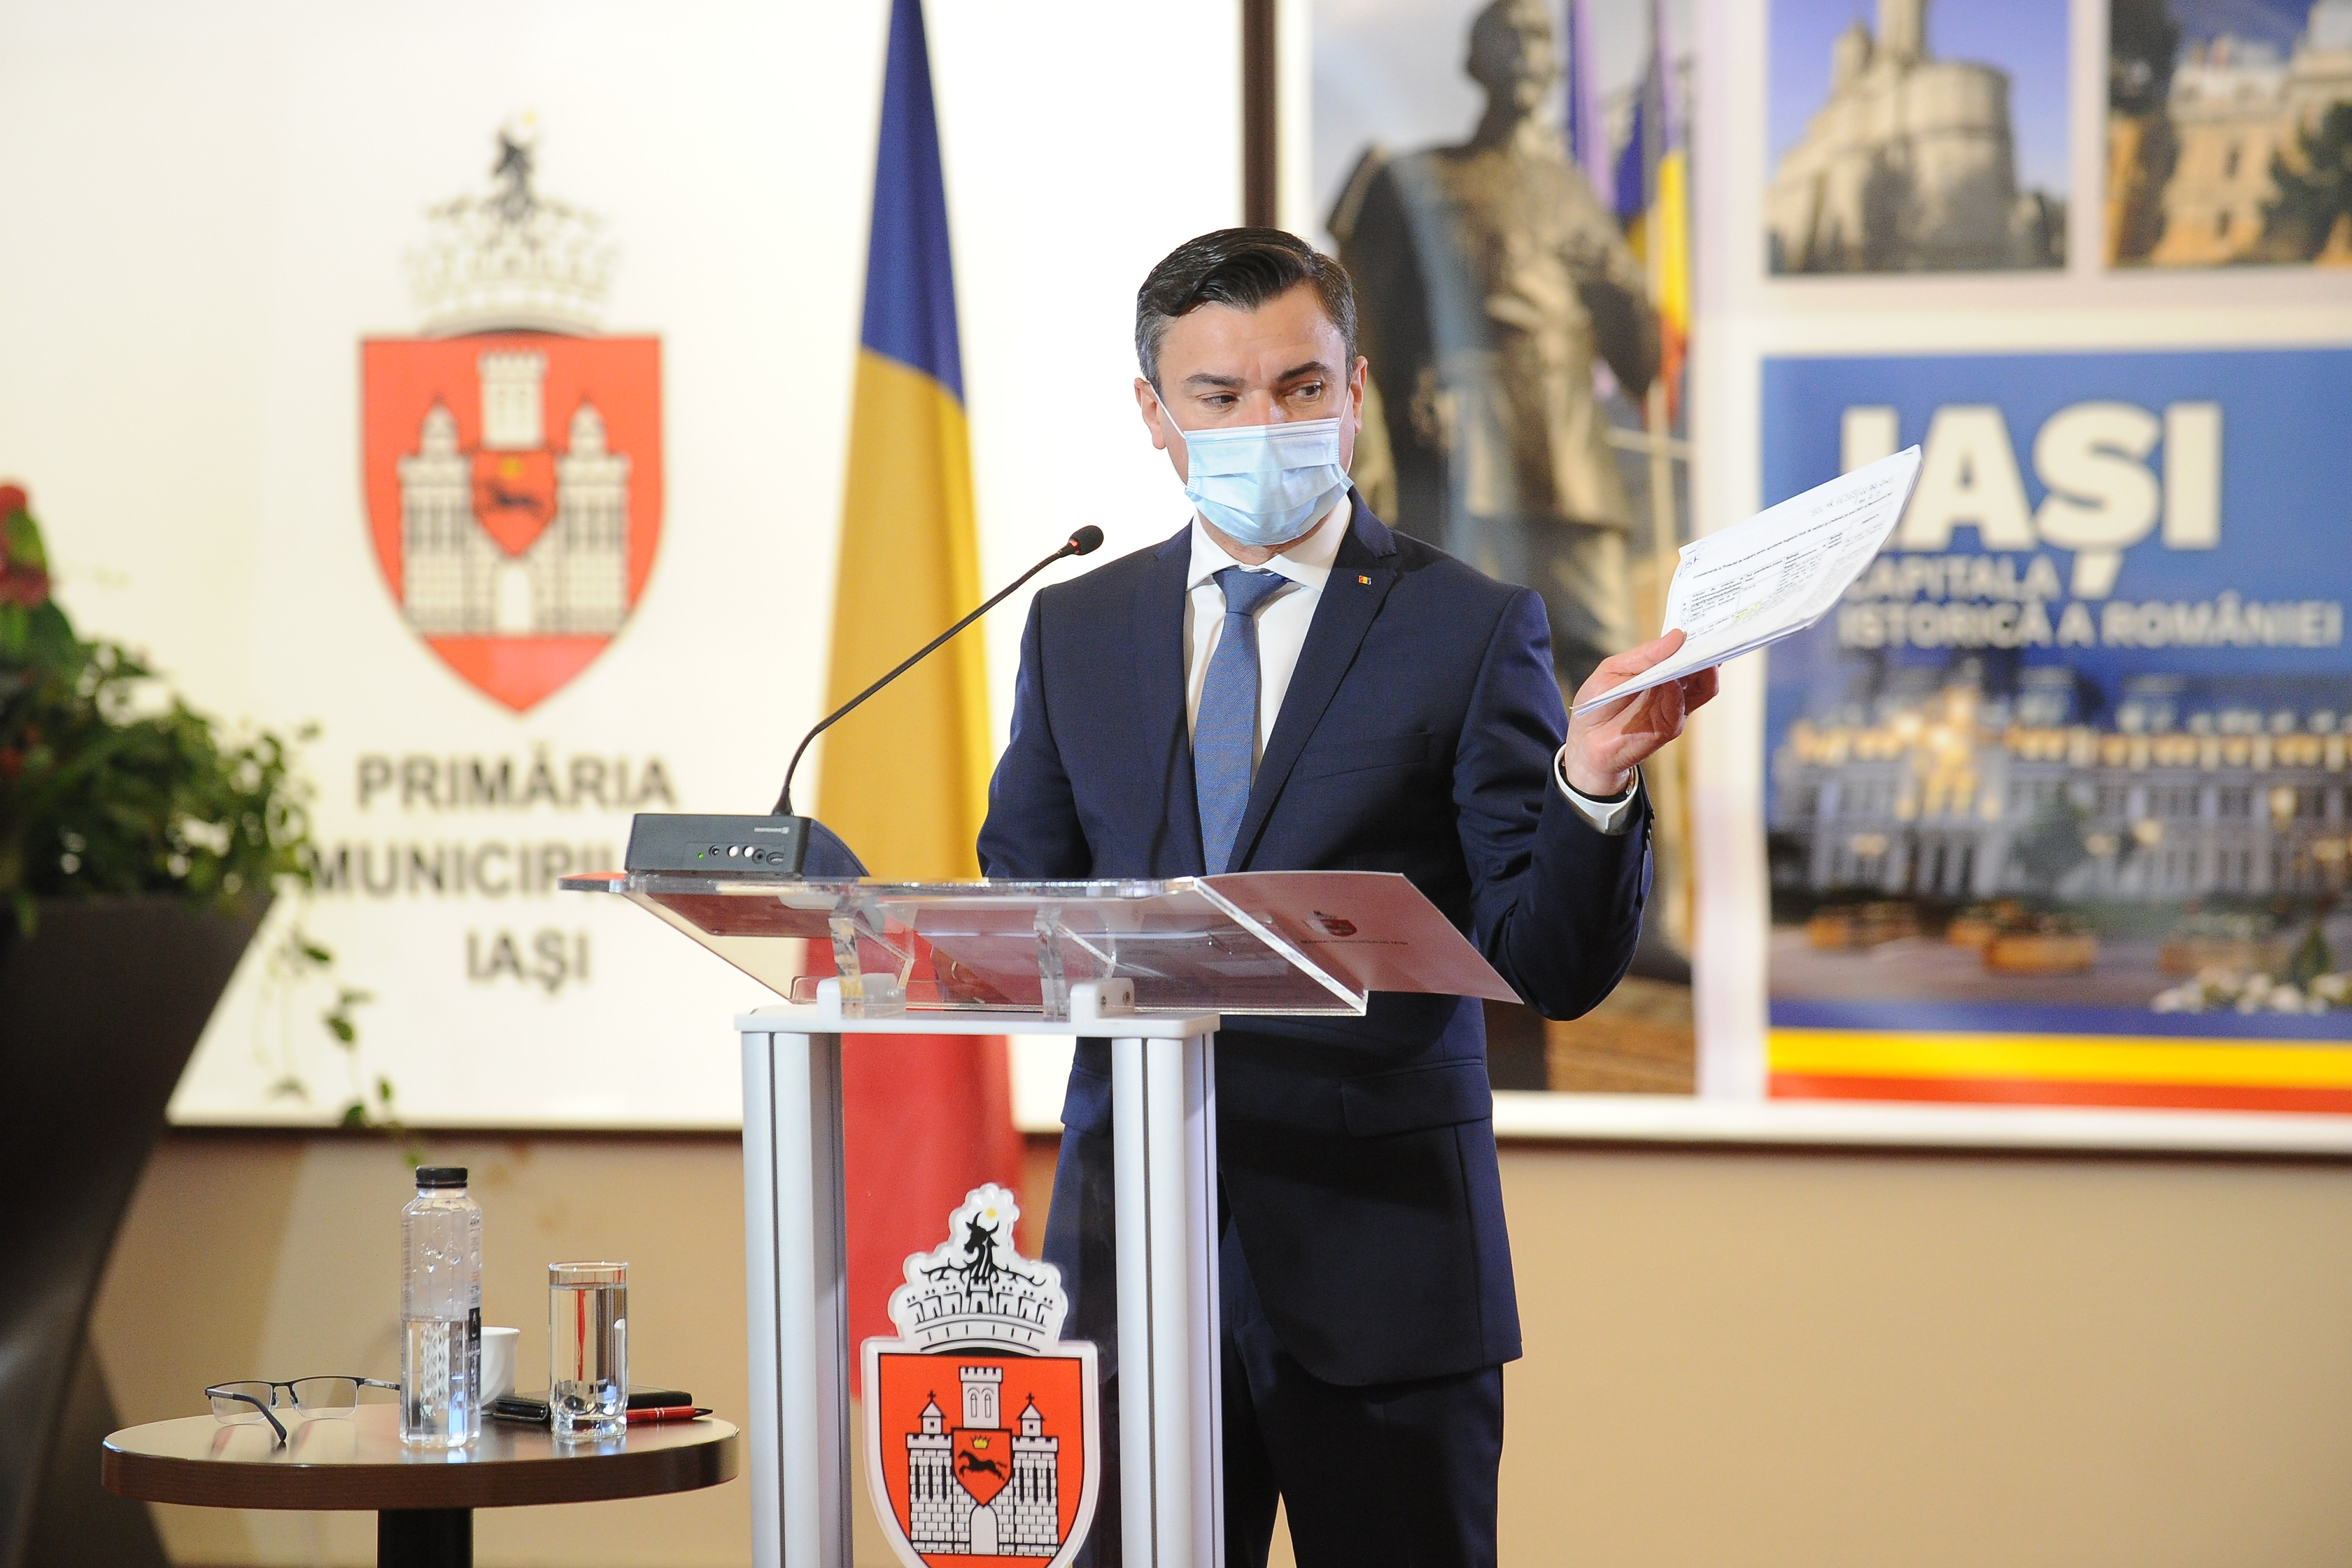 Primarul oraşului Iaşi, Mihai Chirica, a anunţat că va intra în grevă. Care este motivul